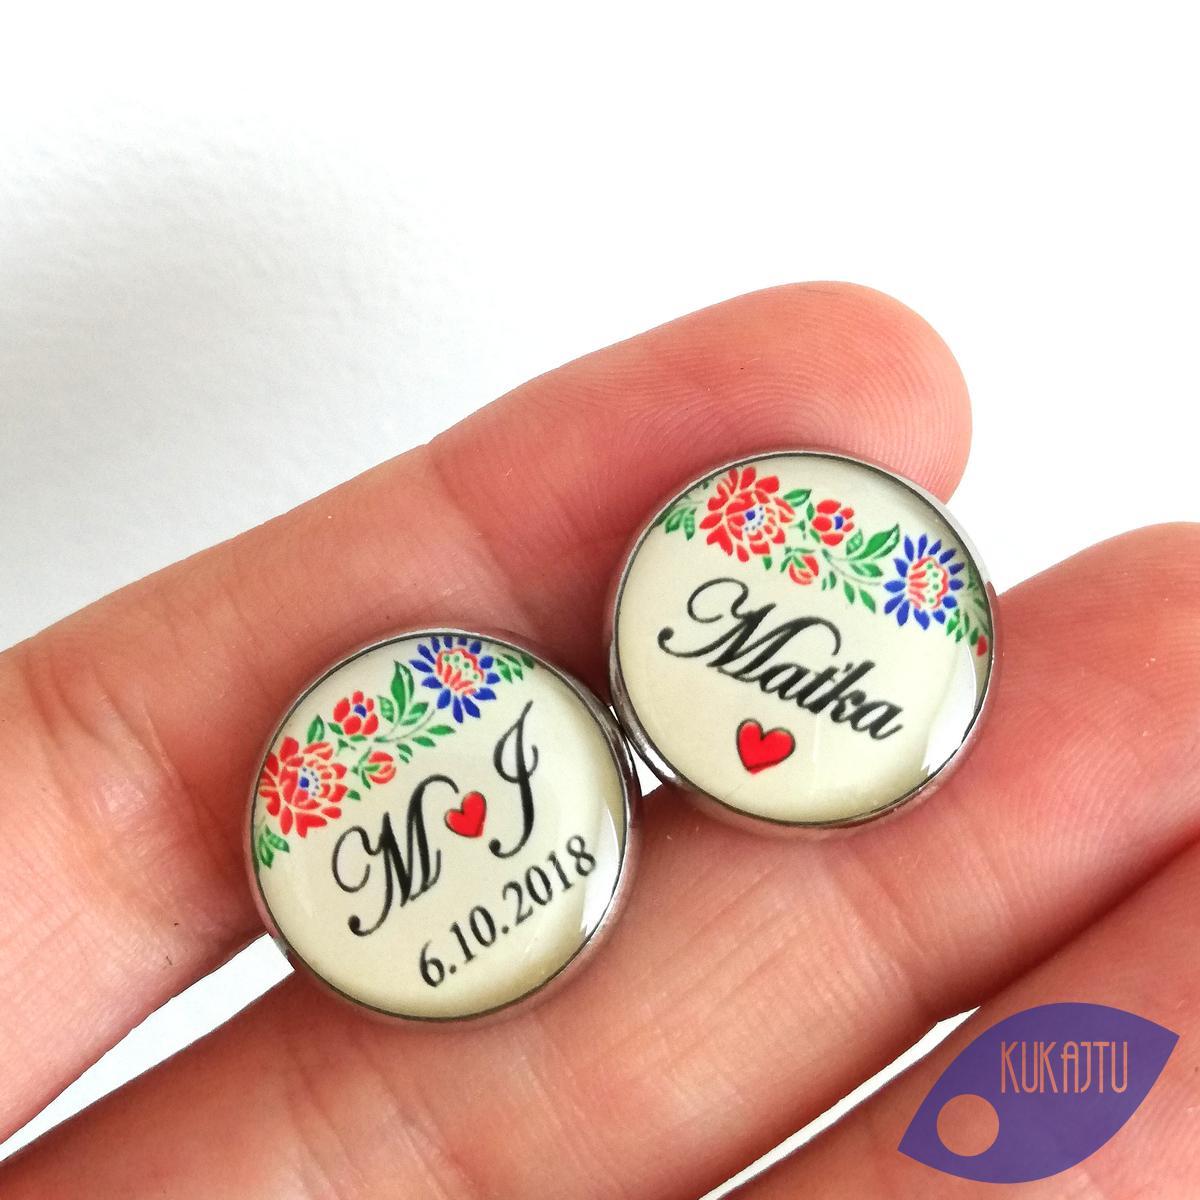 ♥  Manžetové gombíky na mieru - presne podľa Tvojich predstáv ♥ - Manžetky s folklórnym vzorom